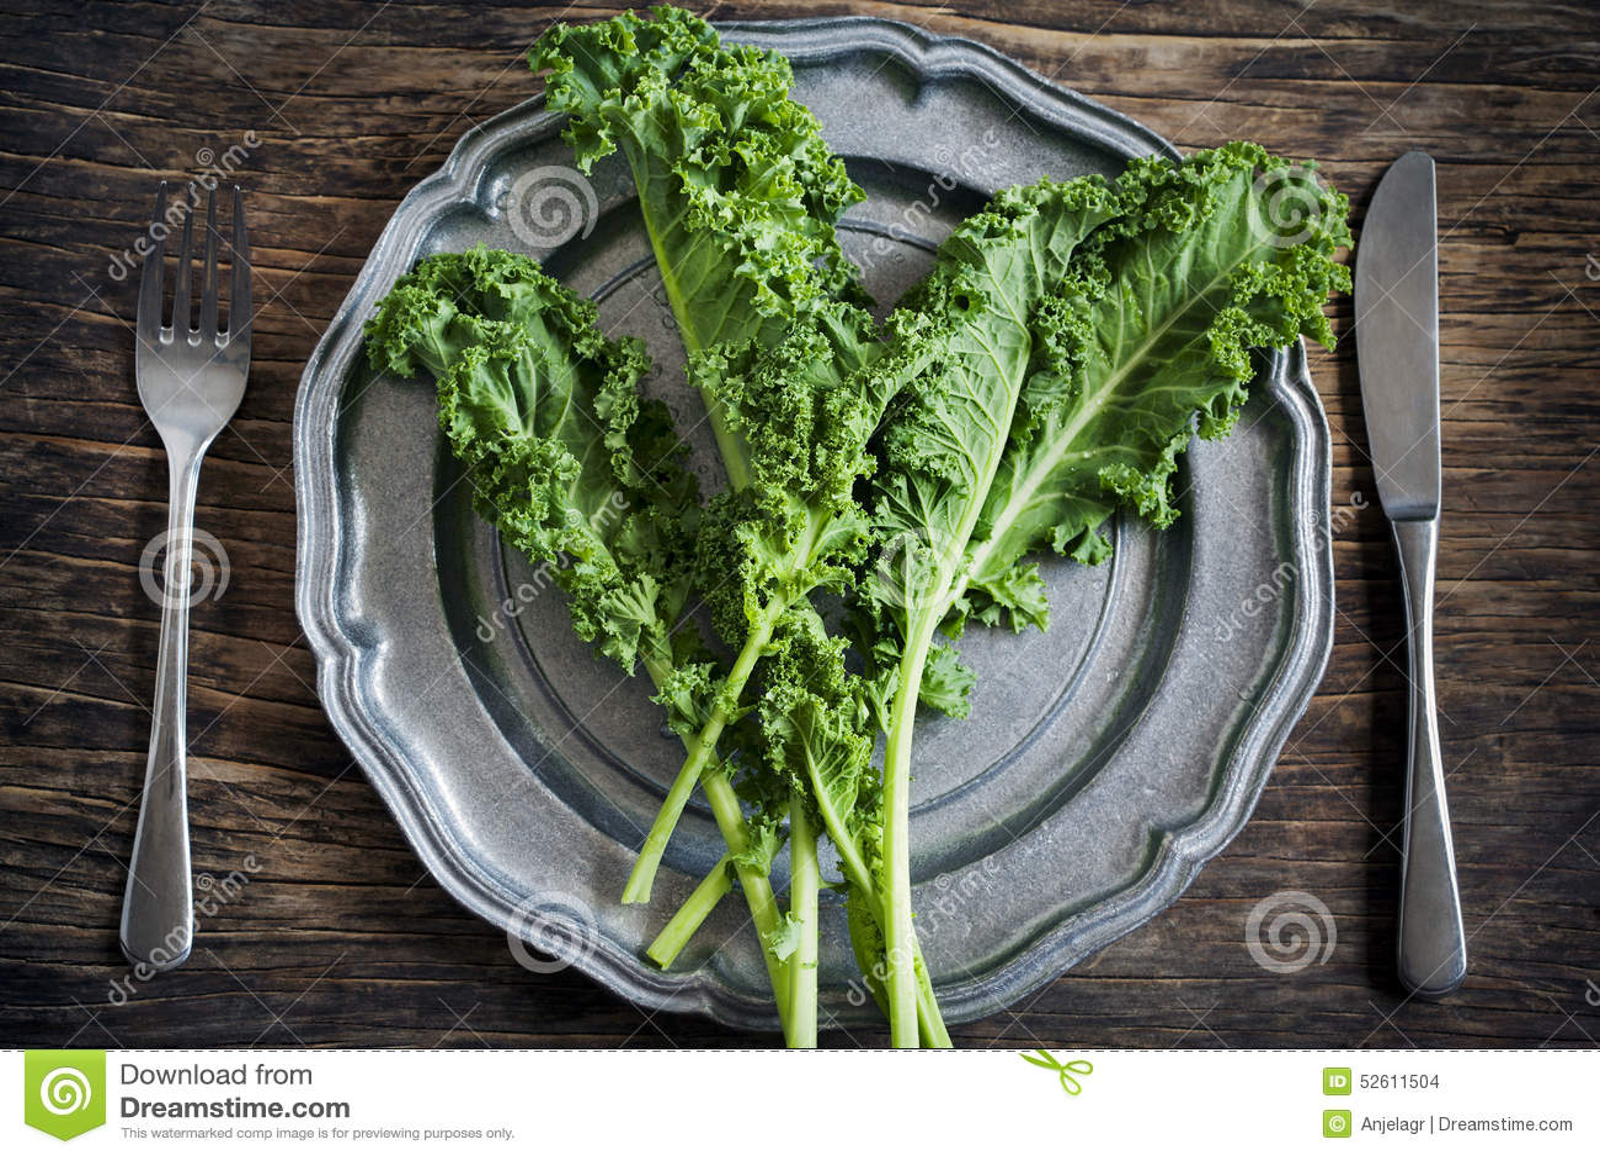 Ny grön grönkål på plattan äta för begrepp som är sunt